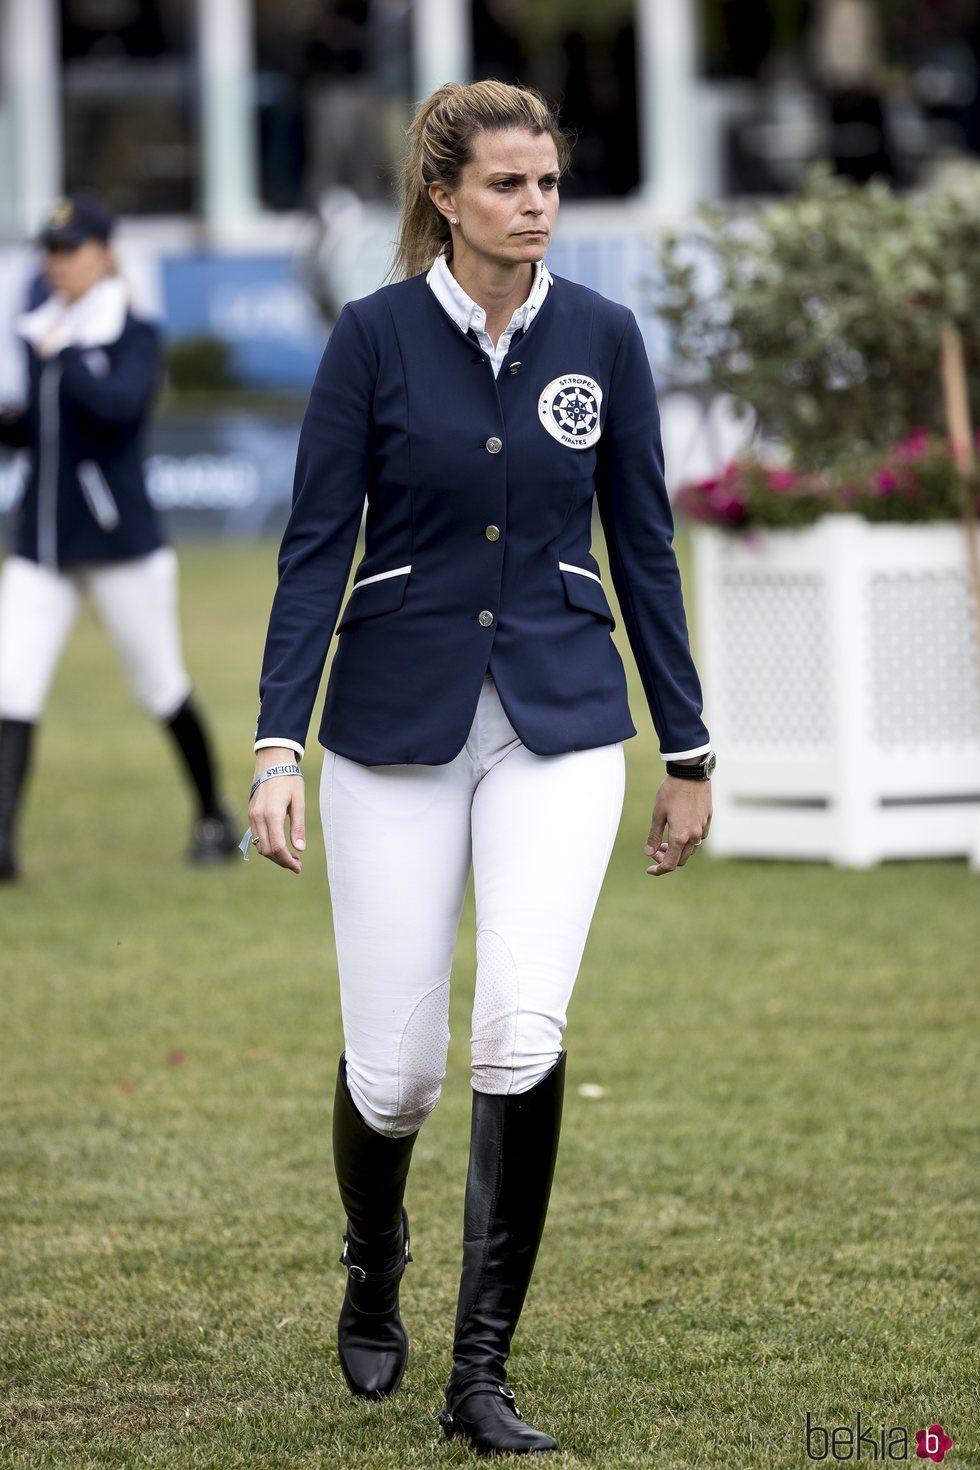 Athina Onassis en el Concurso de Saltos de Madrid d 2019